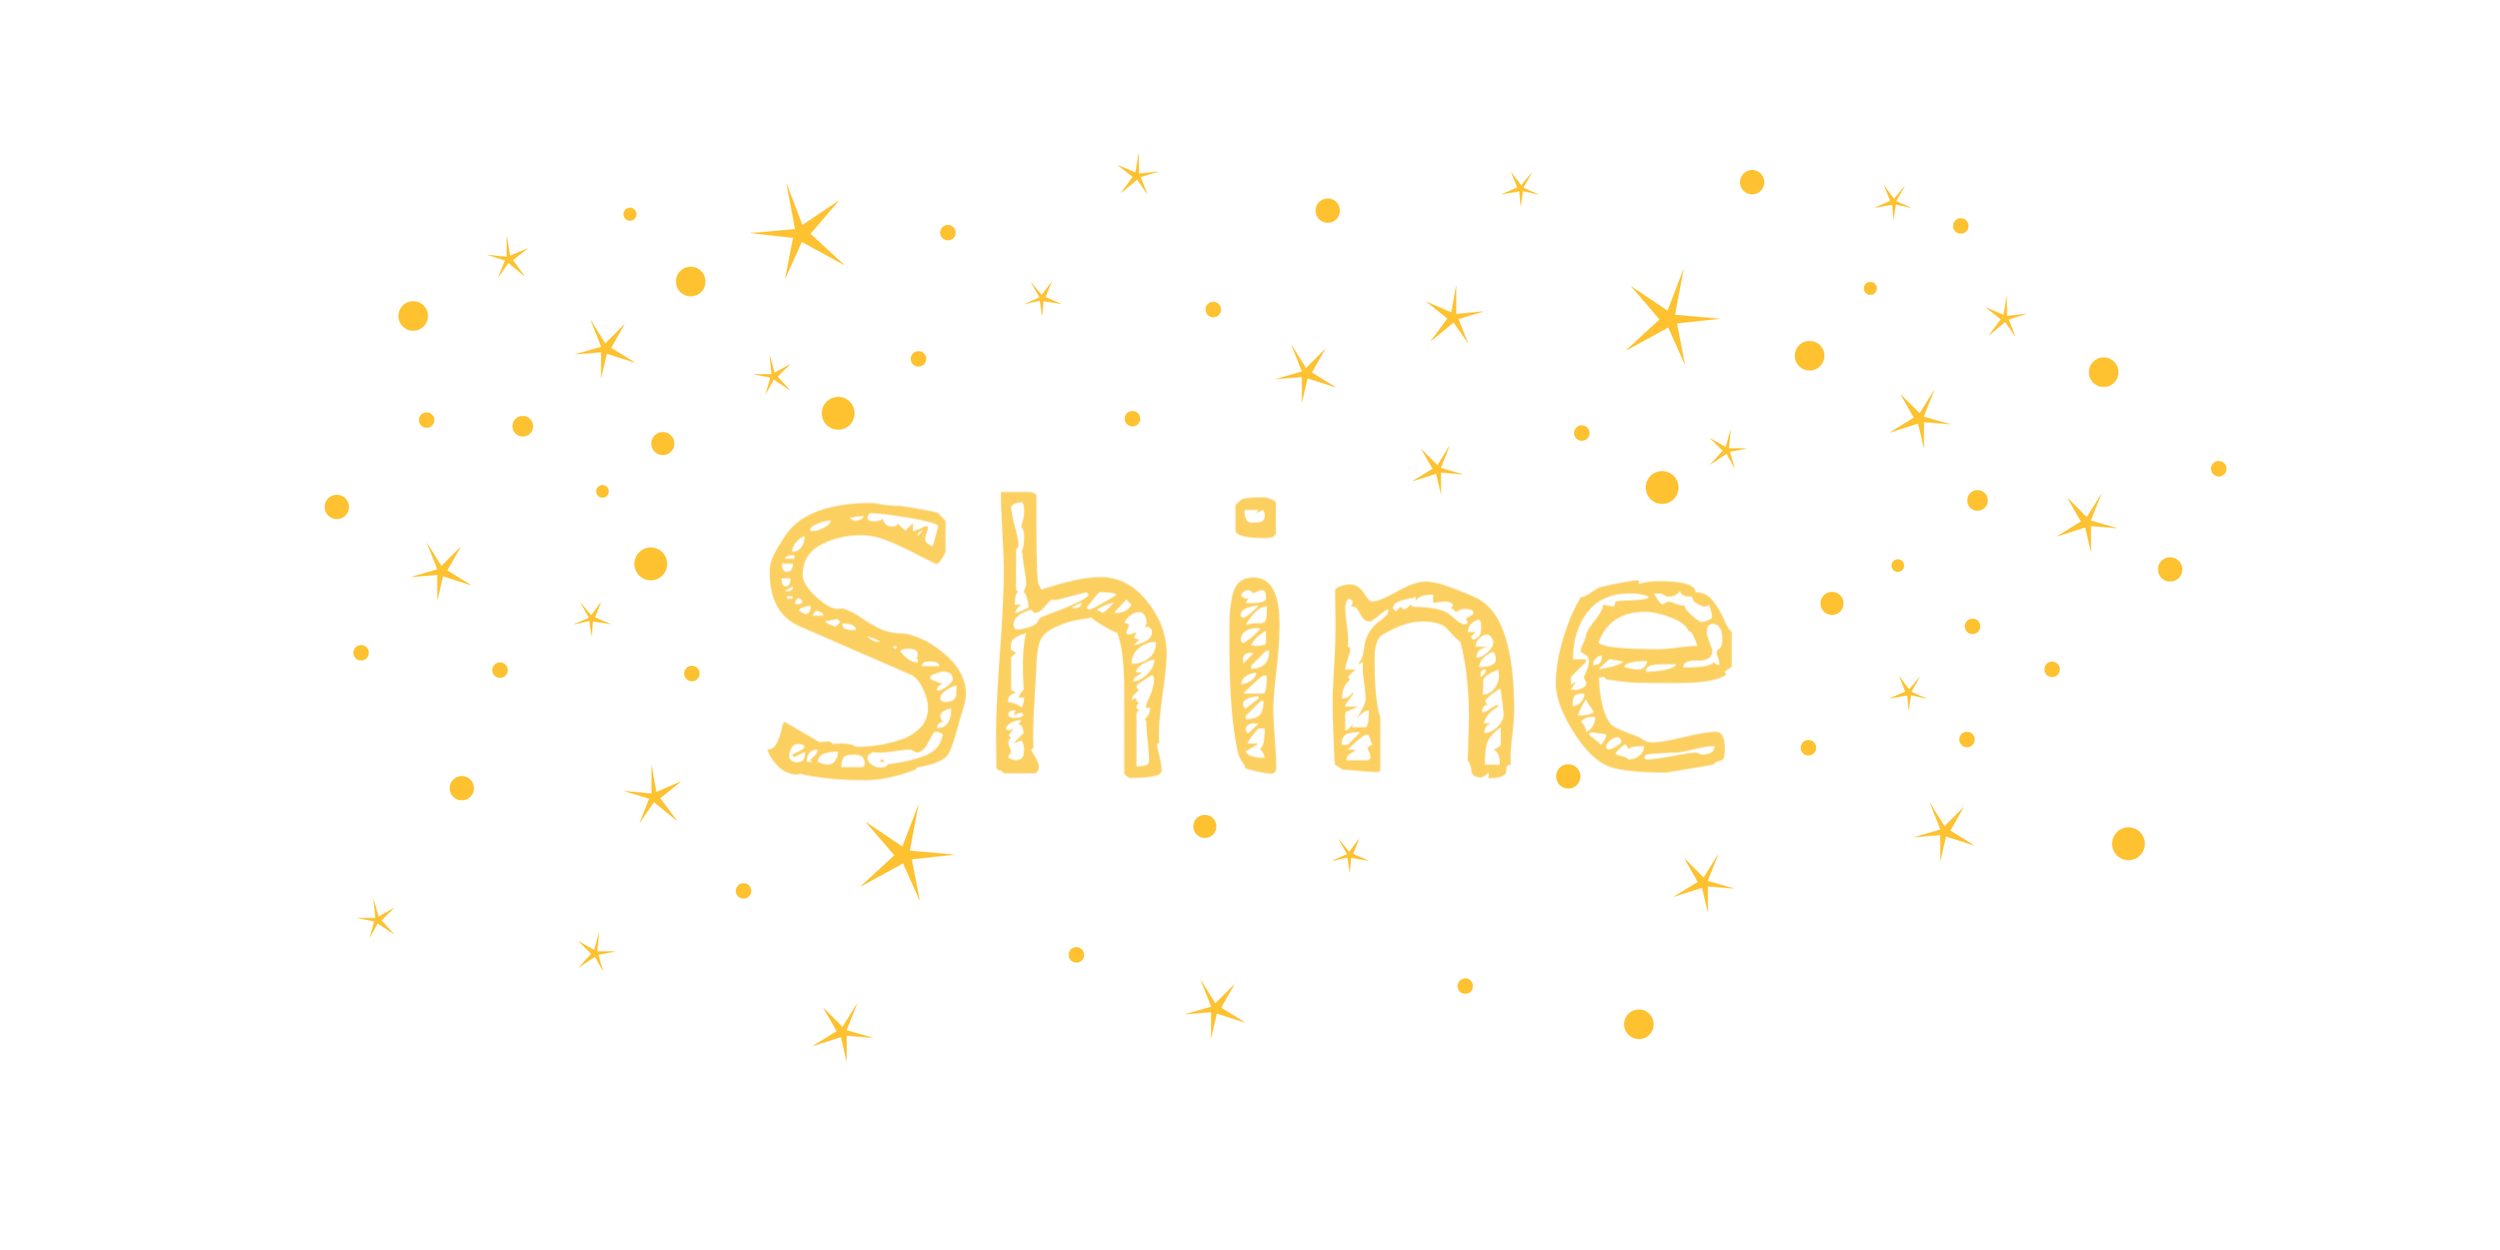 Shine_02.png